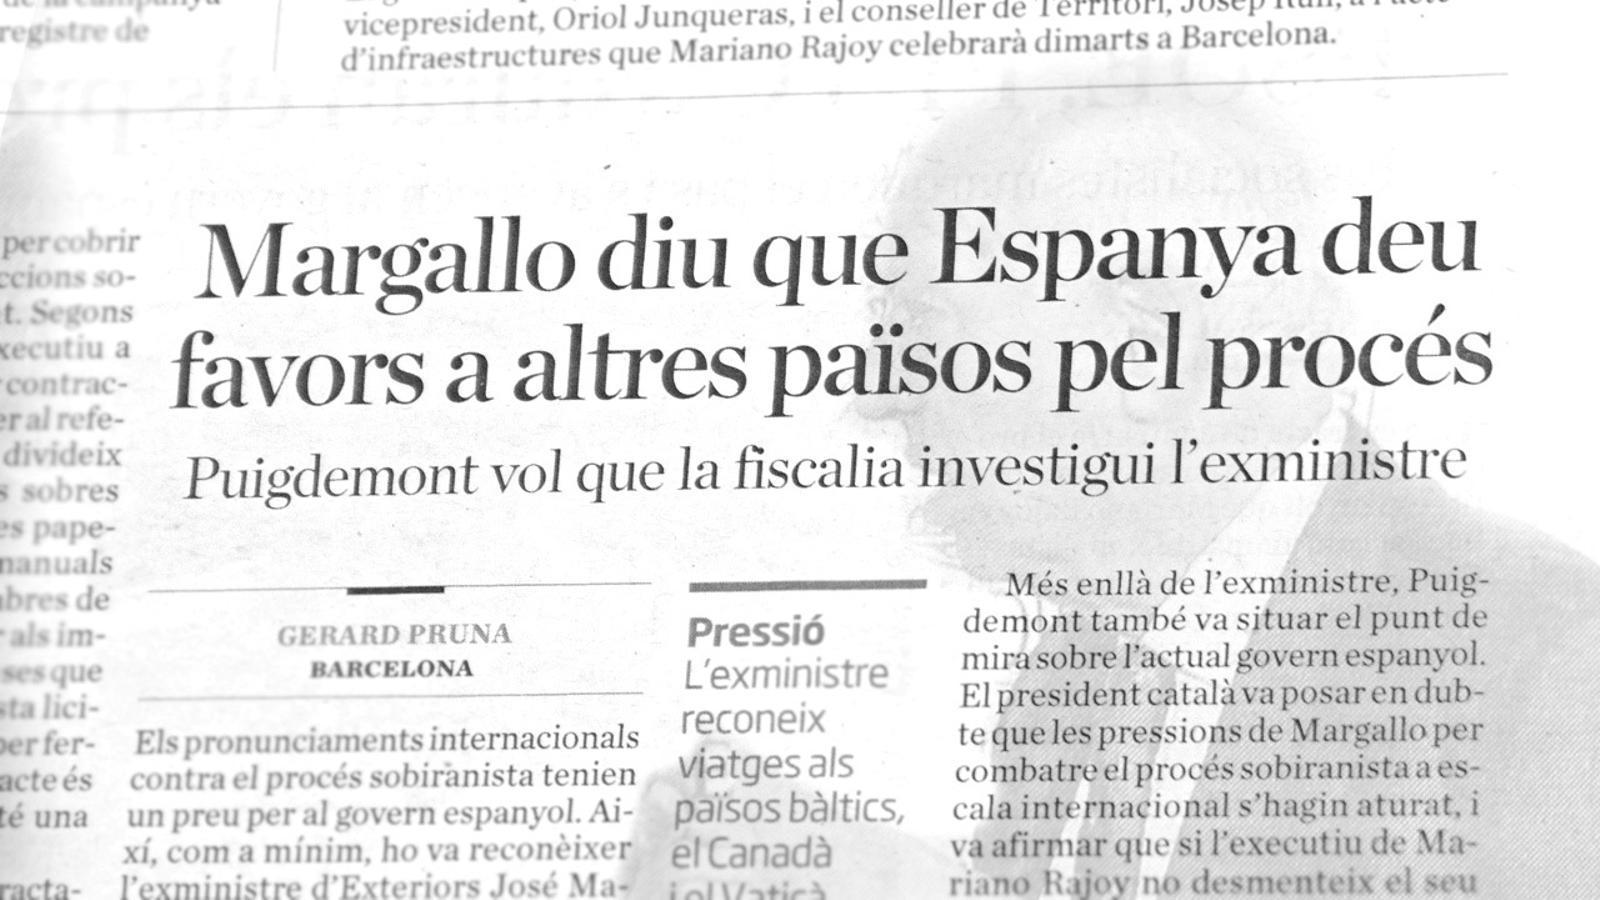 L'anàlisi d'Antoni Bassas: 'Els paperots de Margallo i la multa per parlar en català'